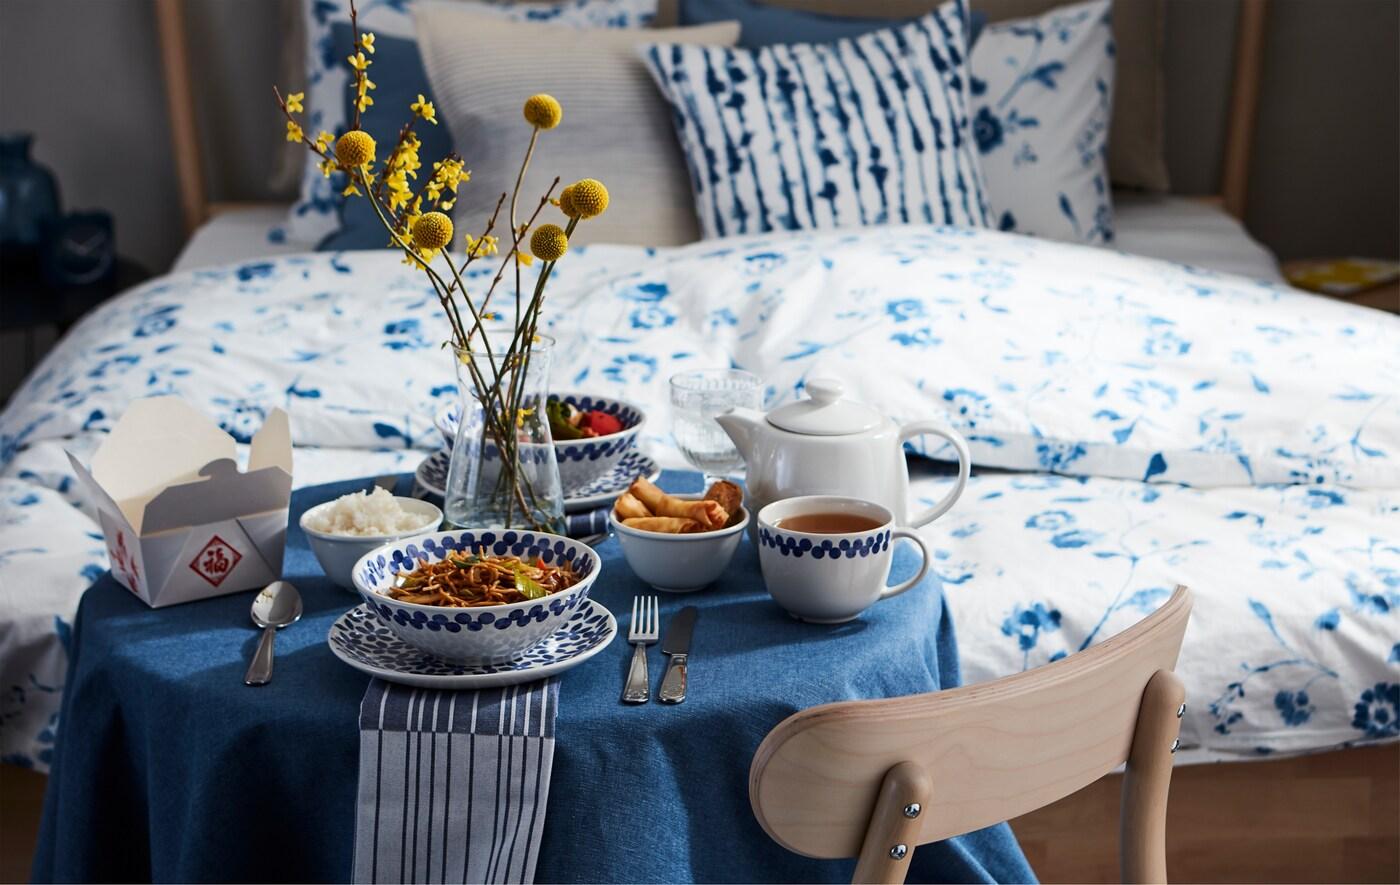 Nakryty dla jednej osoby stół z jedzeniem na wynos, ustawiony obok łóżka, dzięki czemu poczujesz się tak, jakbyś korzystał z usługi room service.